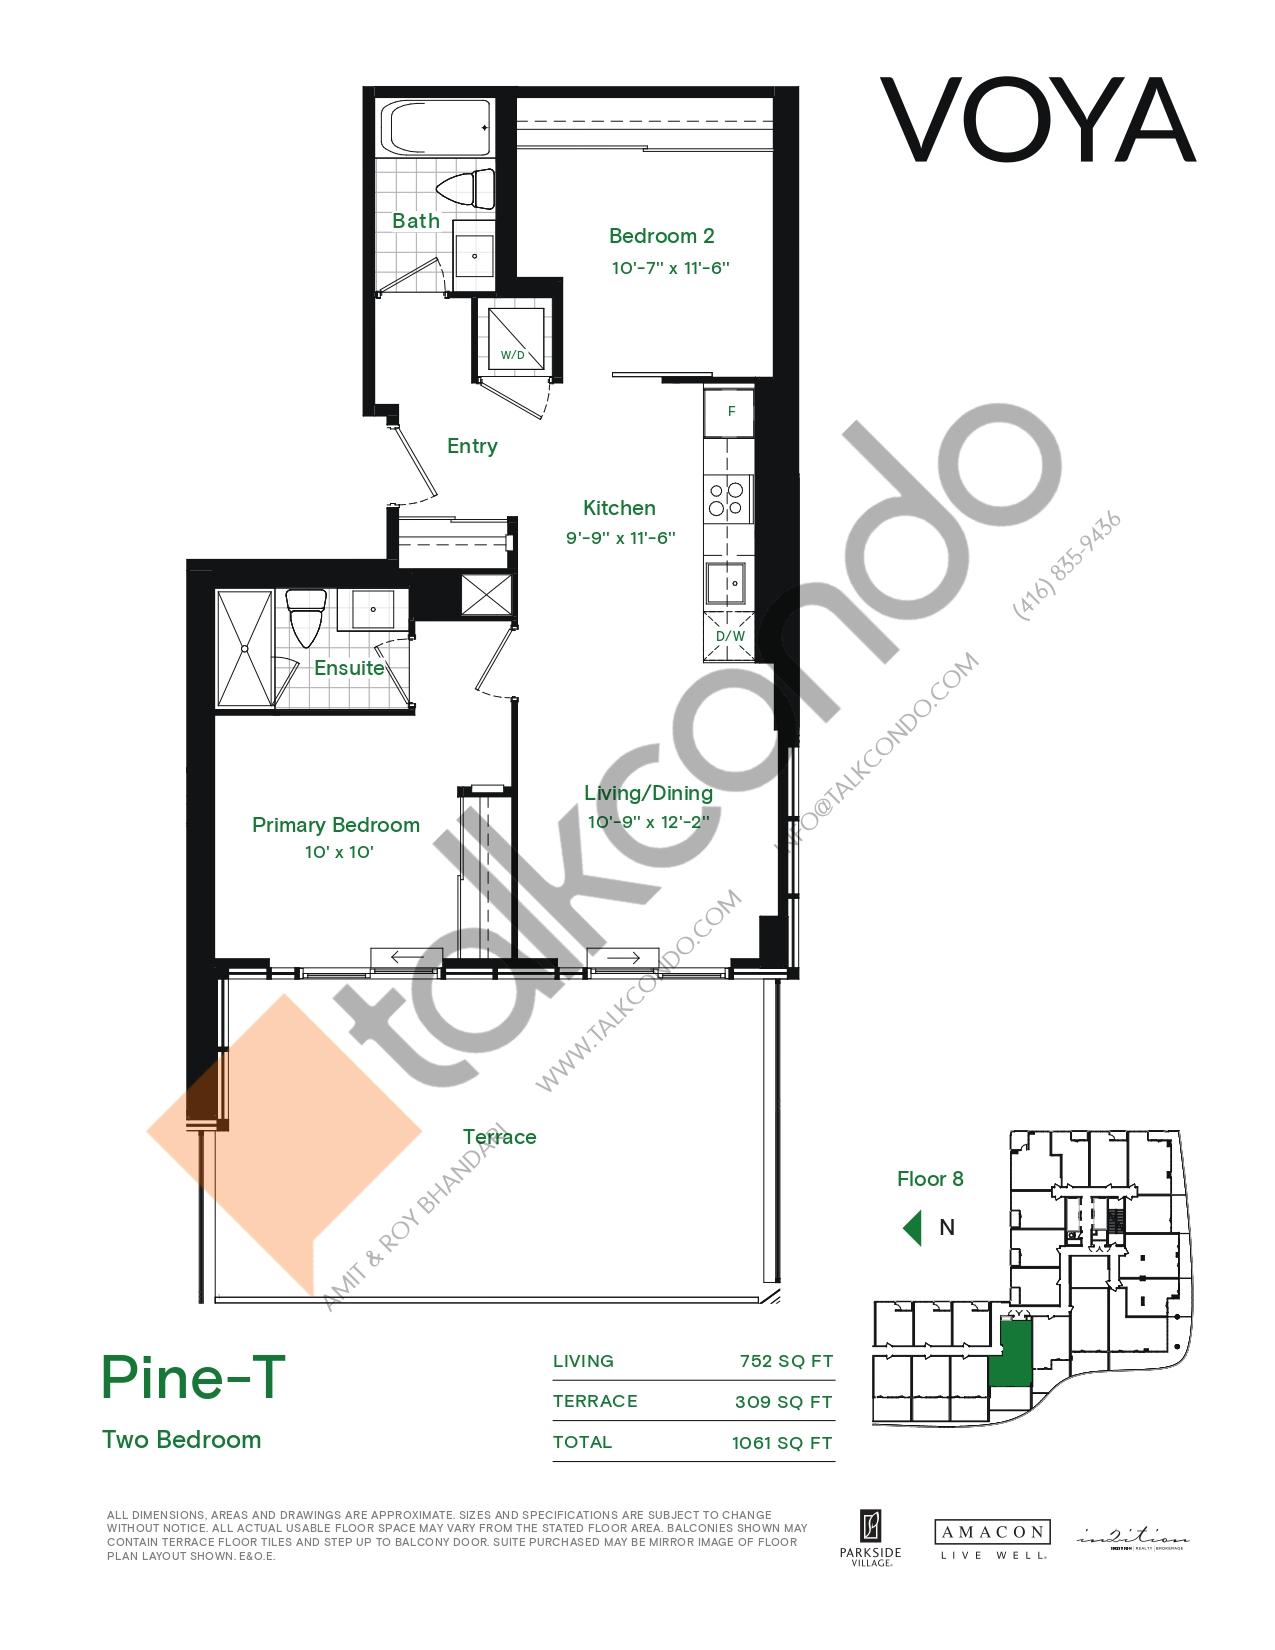 Pine-T (Podium) Floor Plan at Voya at Parkside Village Condos - 752 sq.ft